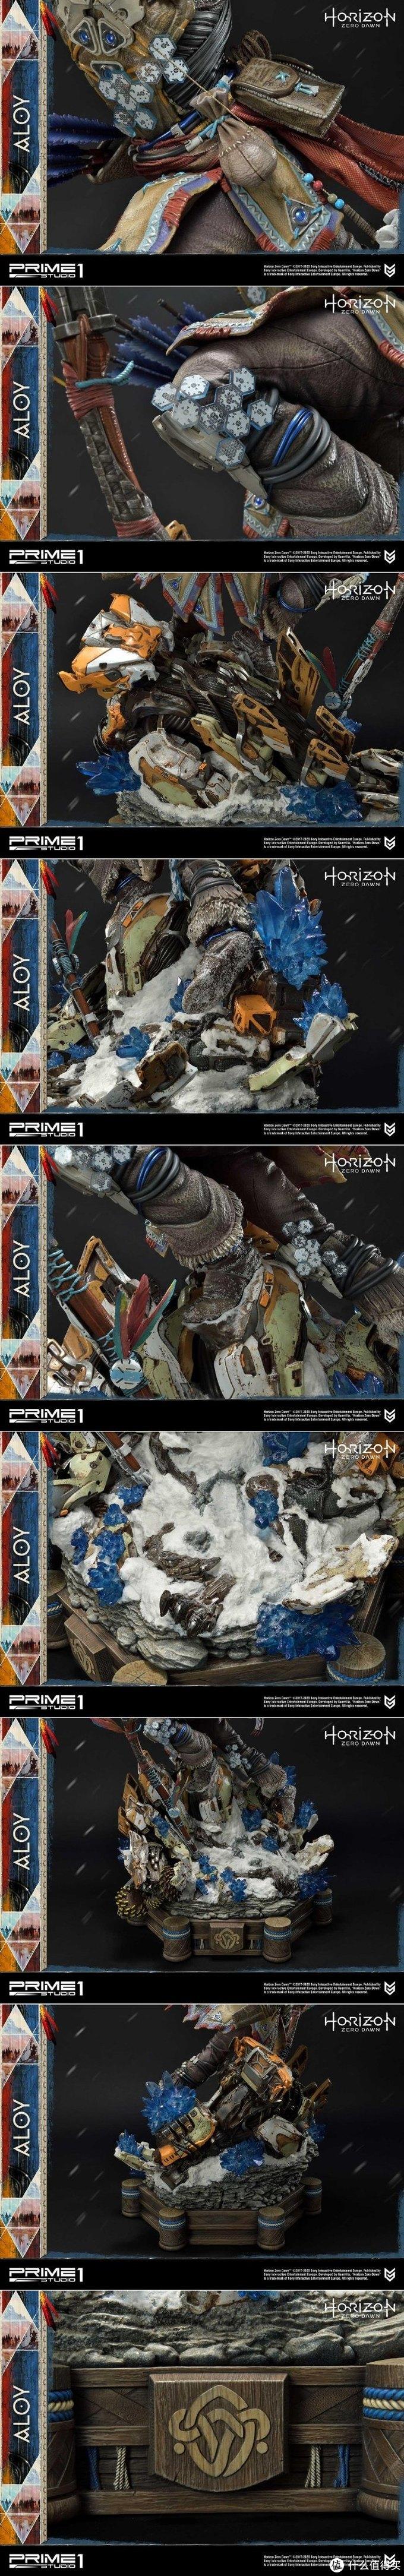 玩模总动员:《地平线 零之曙光》1/4 阿洛伊、追踪者雕像公开!